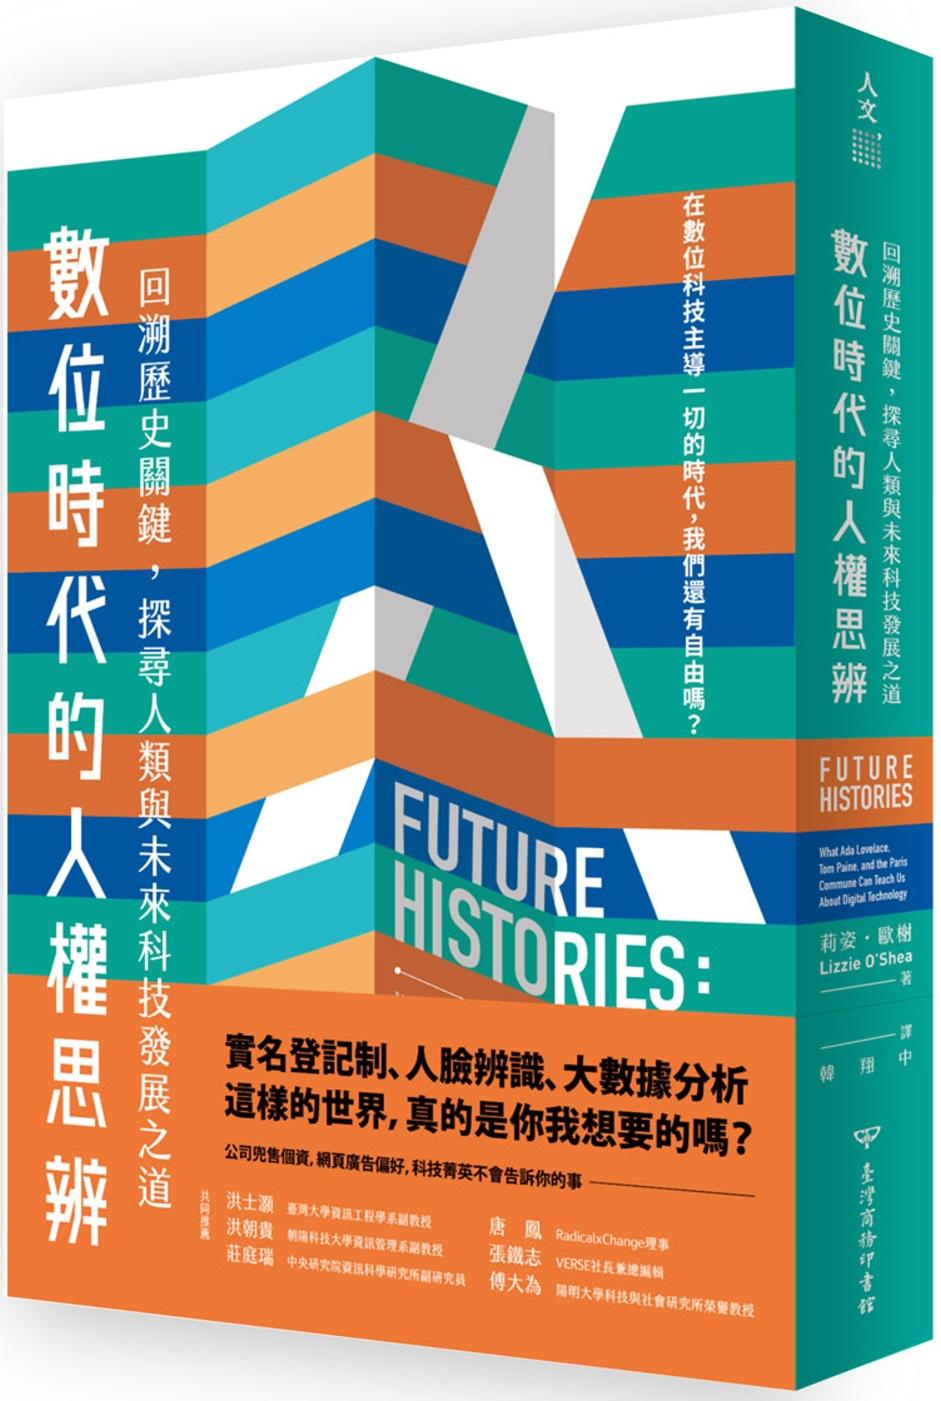 數位時代的人權思辨:回溯歷史關鍵,探尋人類與未來科技發展之道